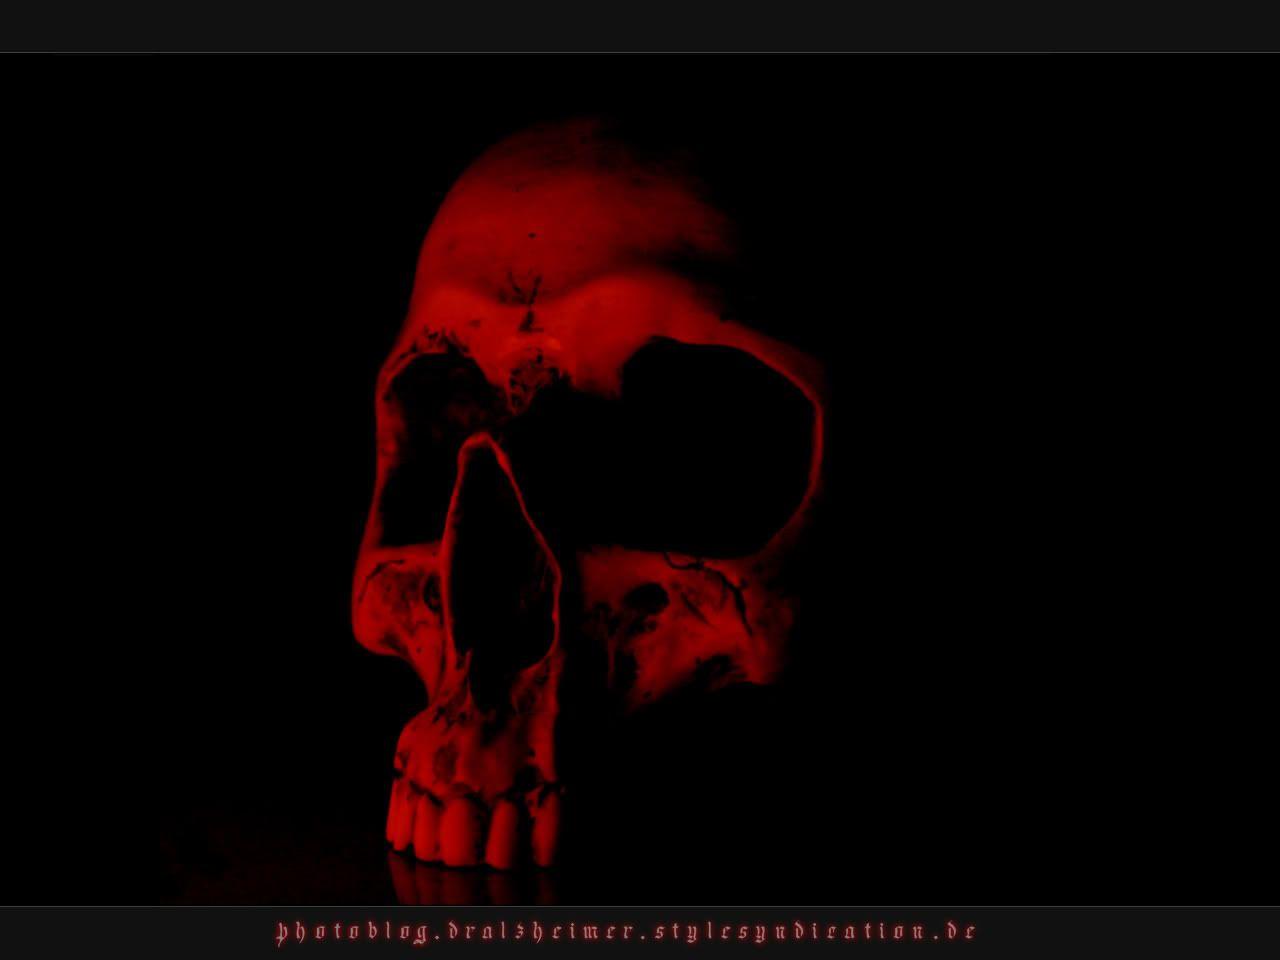 Red Skull Wallpaper Red Skull Desktop Background Black Skulls Wallpaper Red Skull Skull Wallpaper